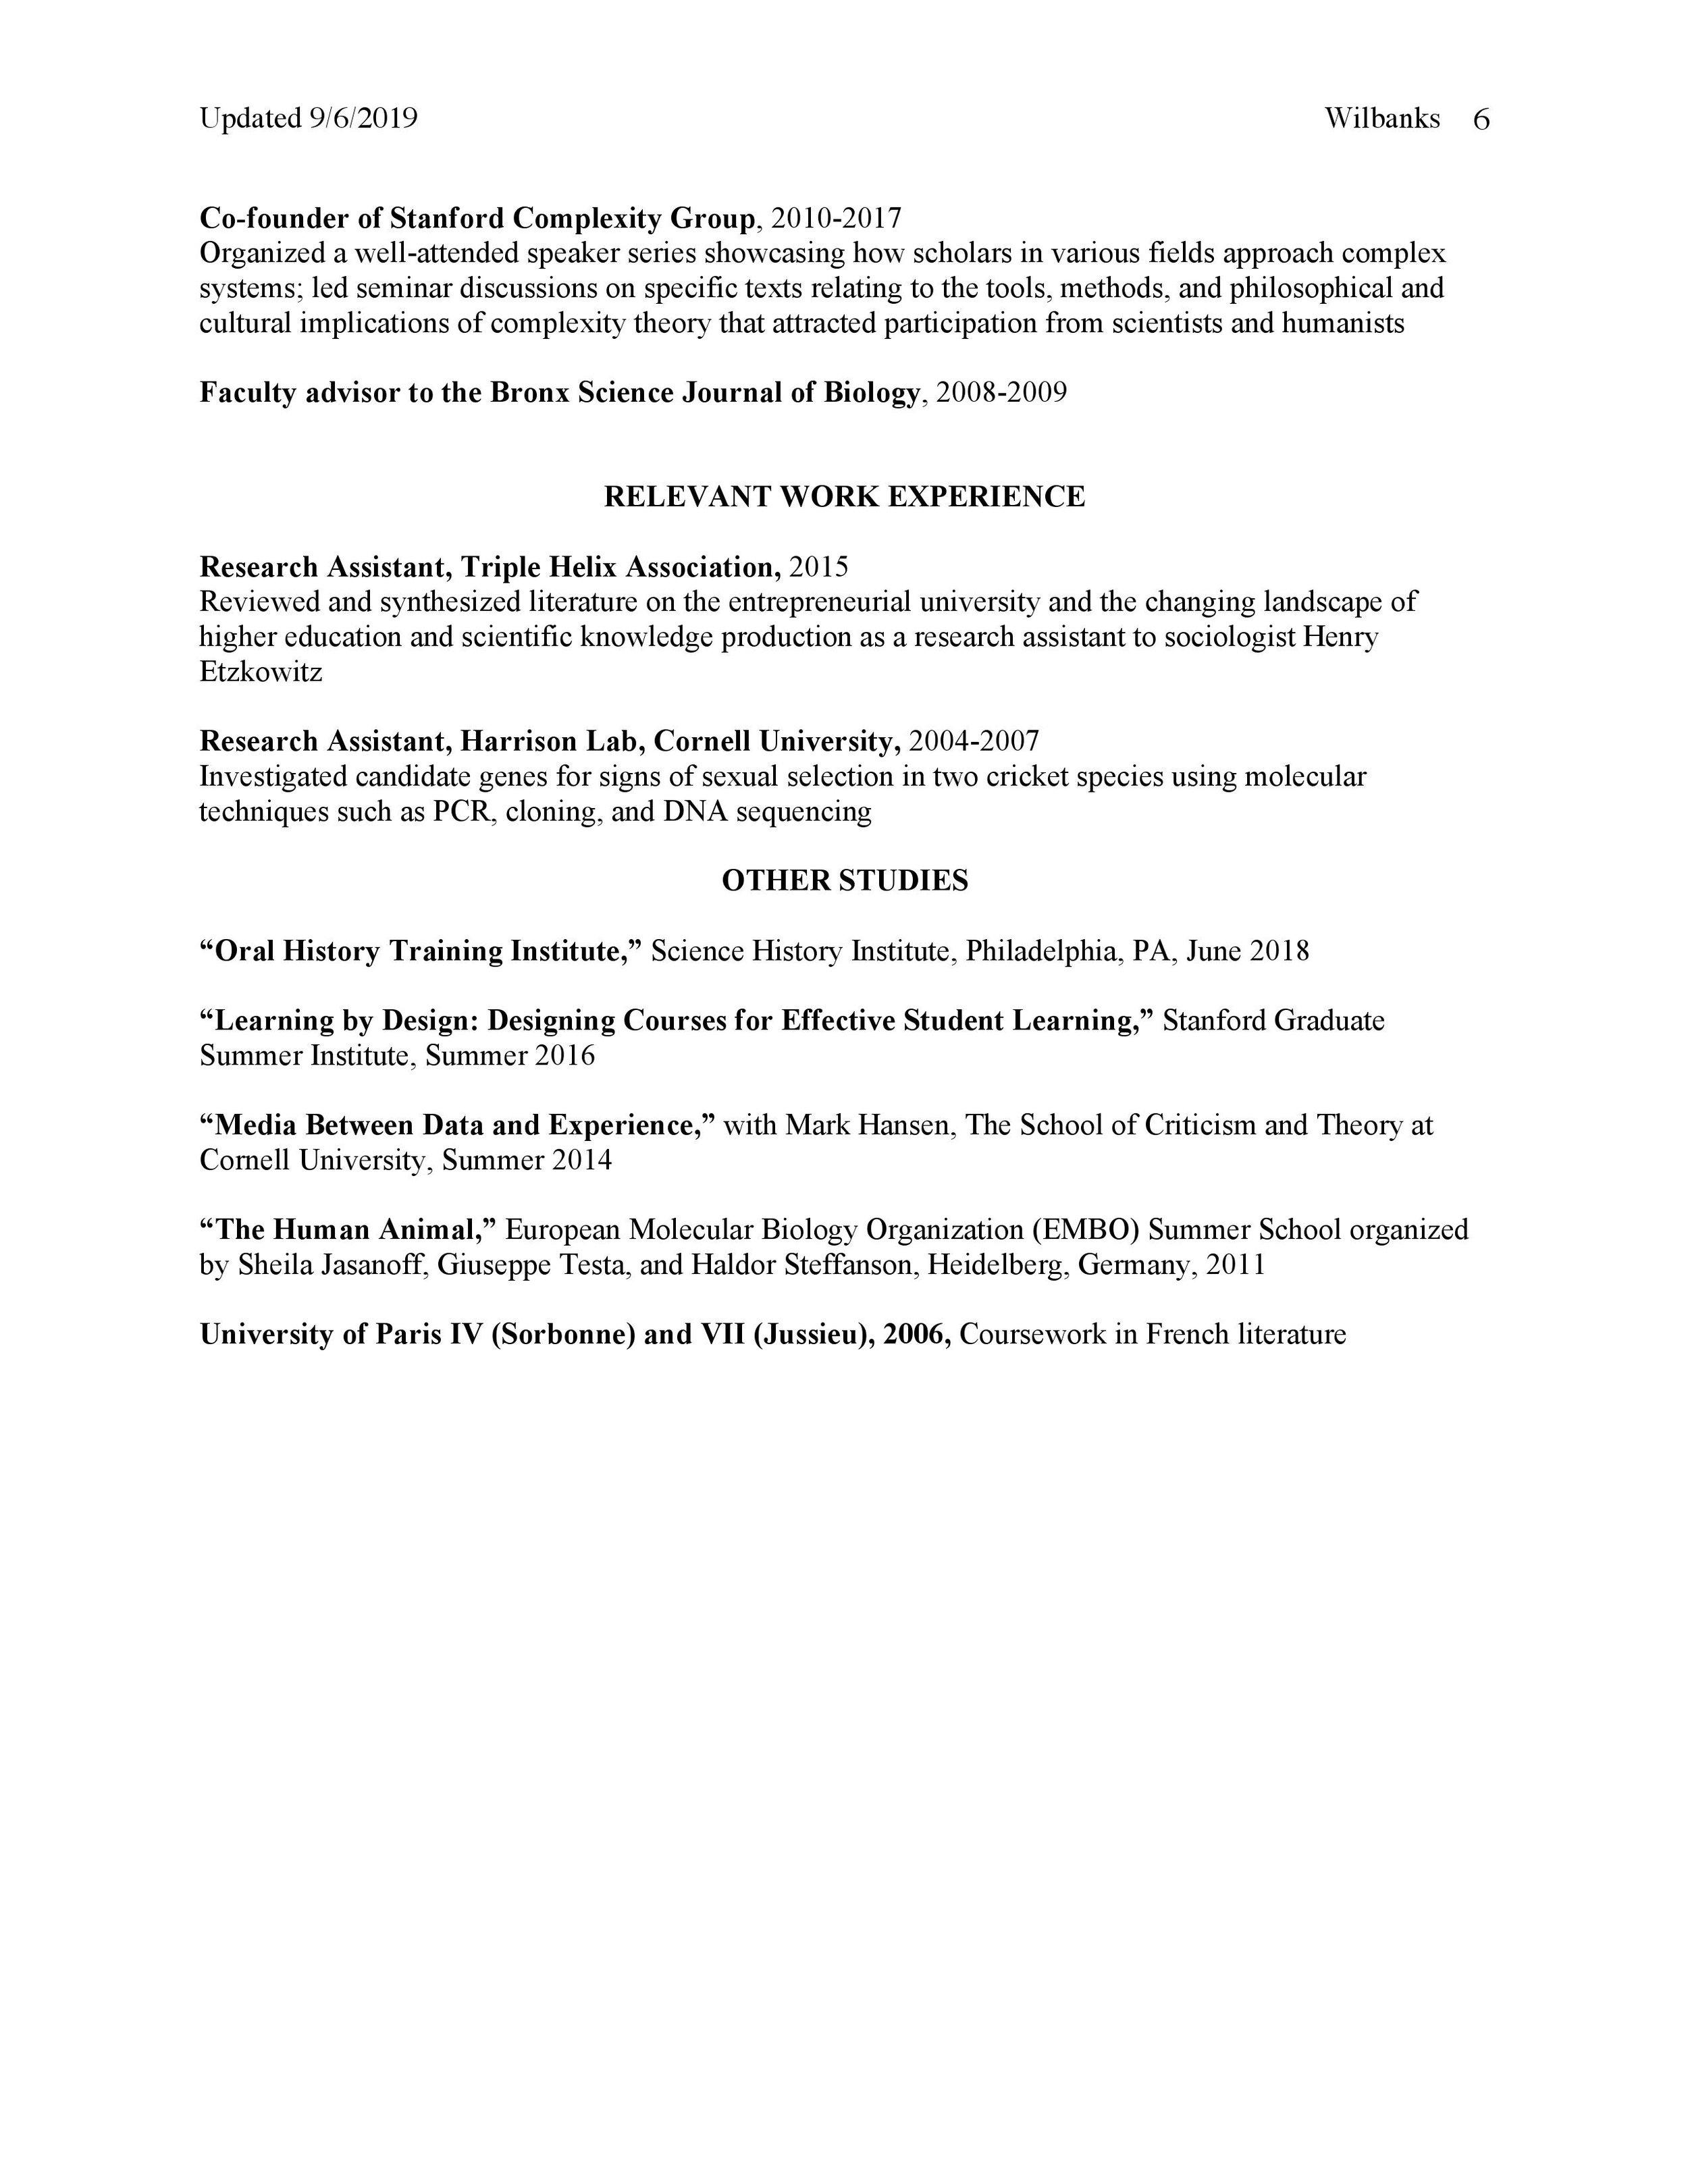 Wilbanks CV 9-6-2019 p6.jpg